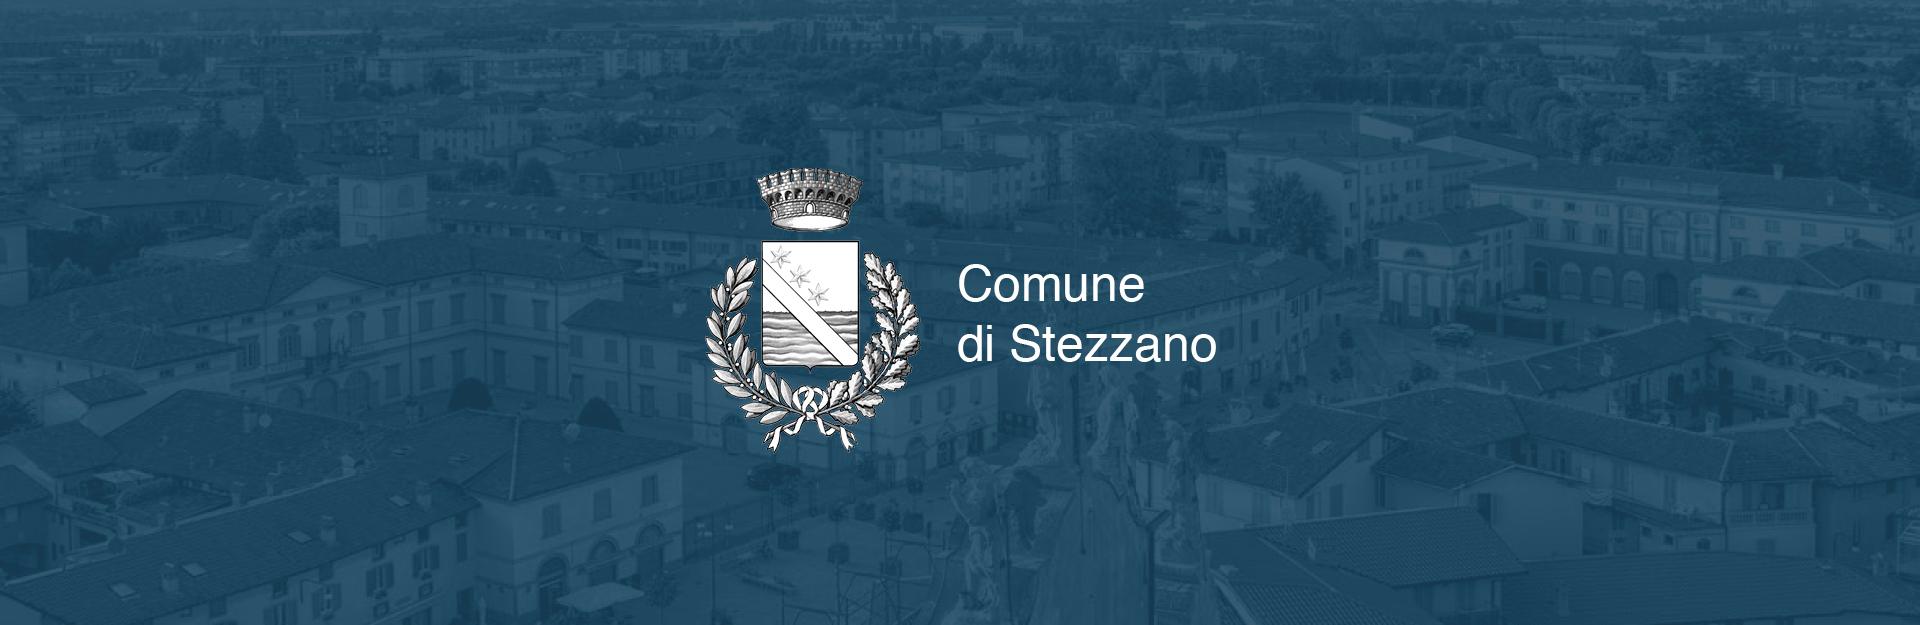 Stezzano